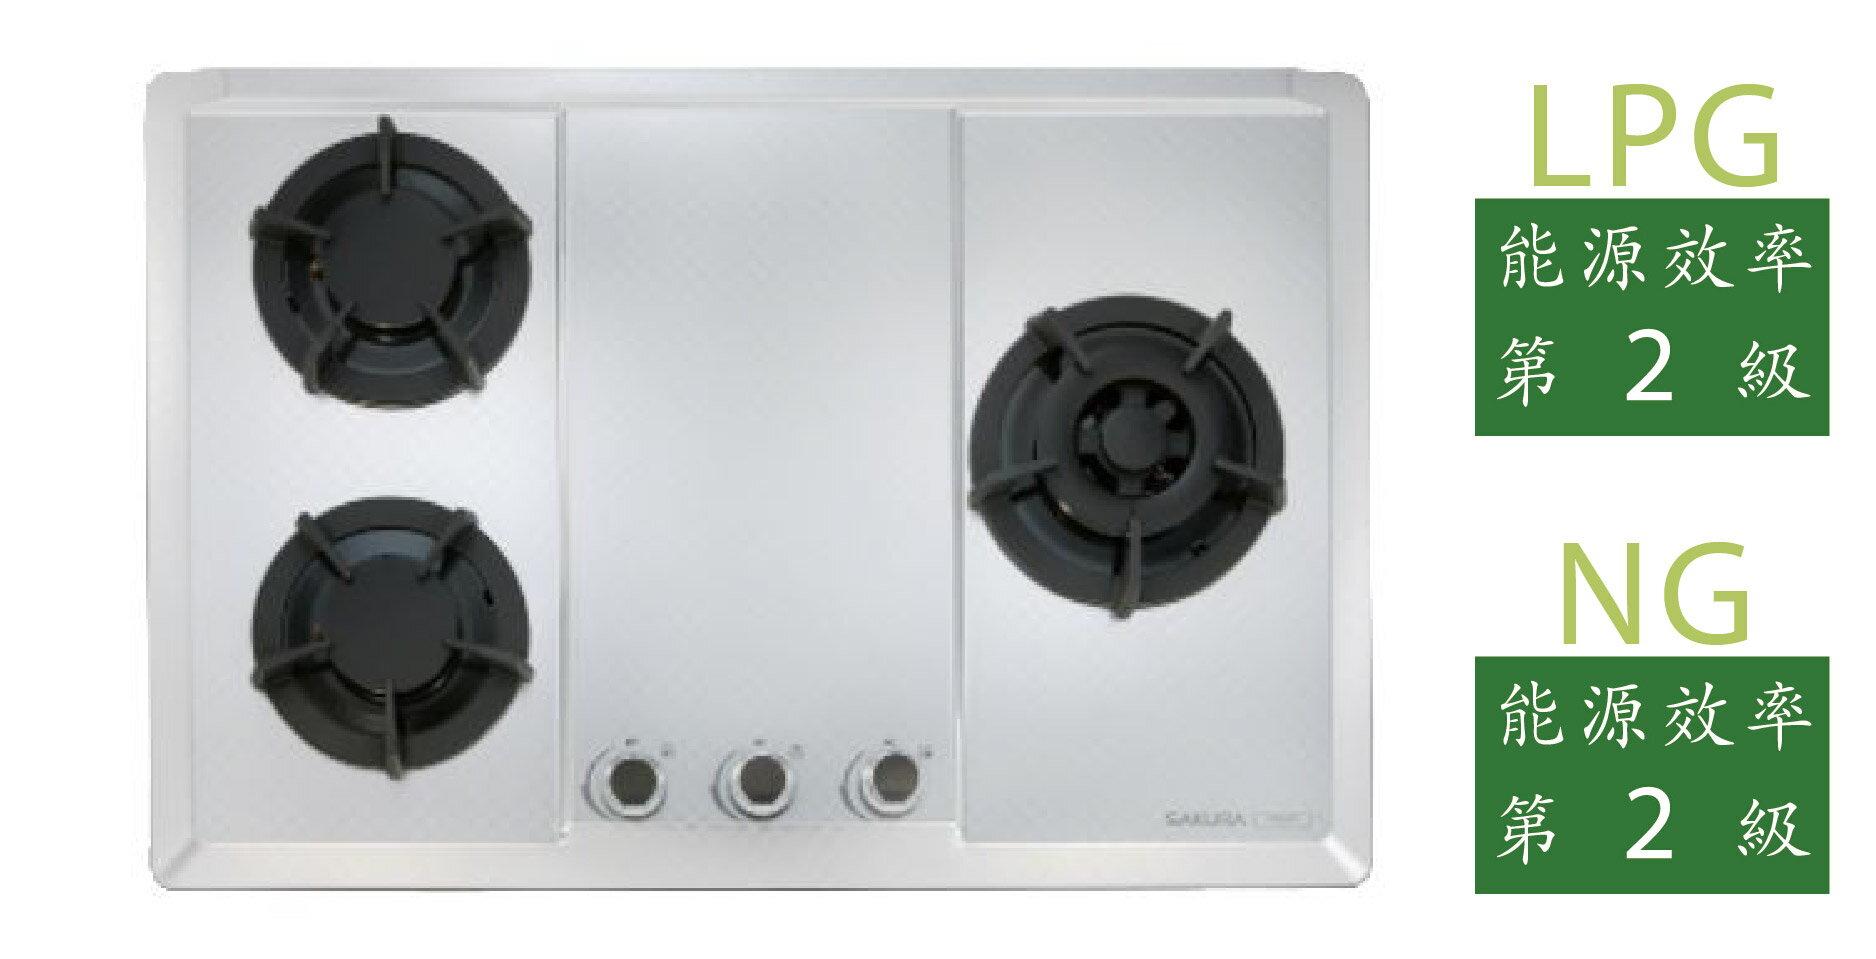 ~符合政府節能補助機種~【品僑企業行】櫻花 G2633S(不鏽鋼面板)三口大面板珍珠壓紋檯面爐